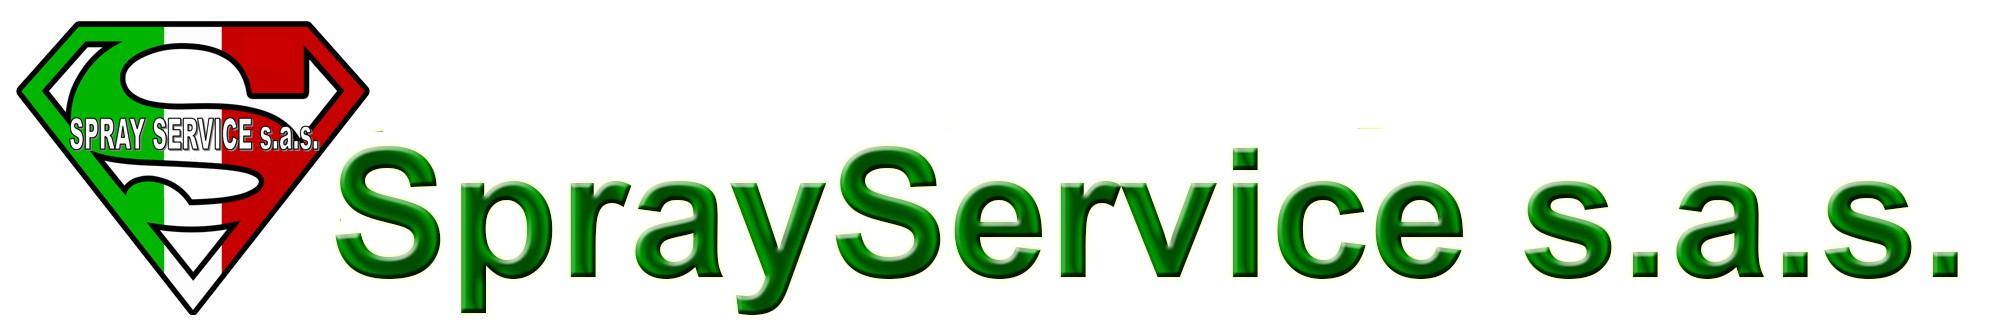 SprayService Azienda Specializzata nel settore della Verniciatura